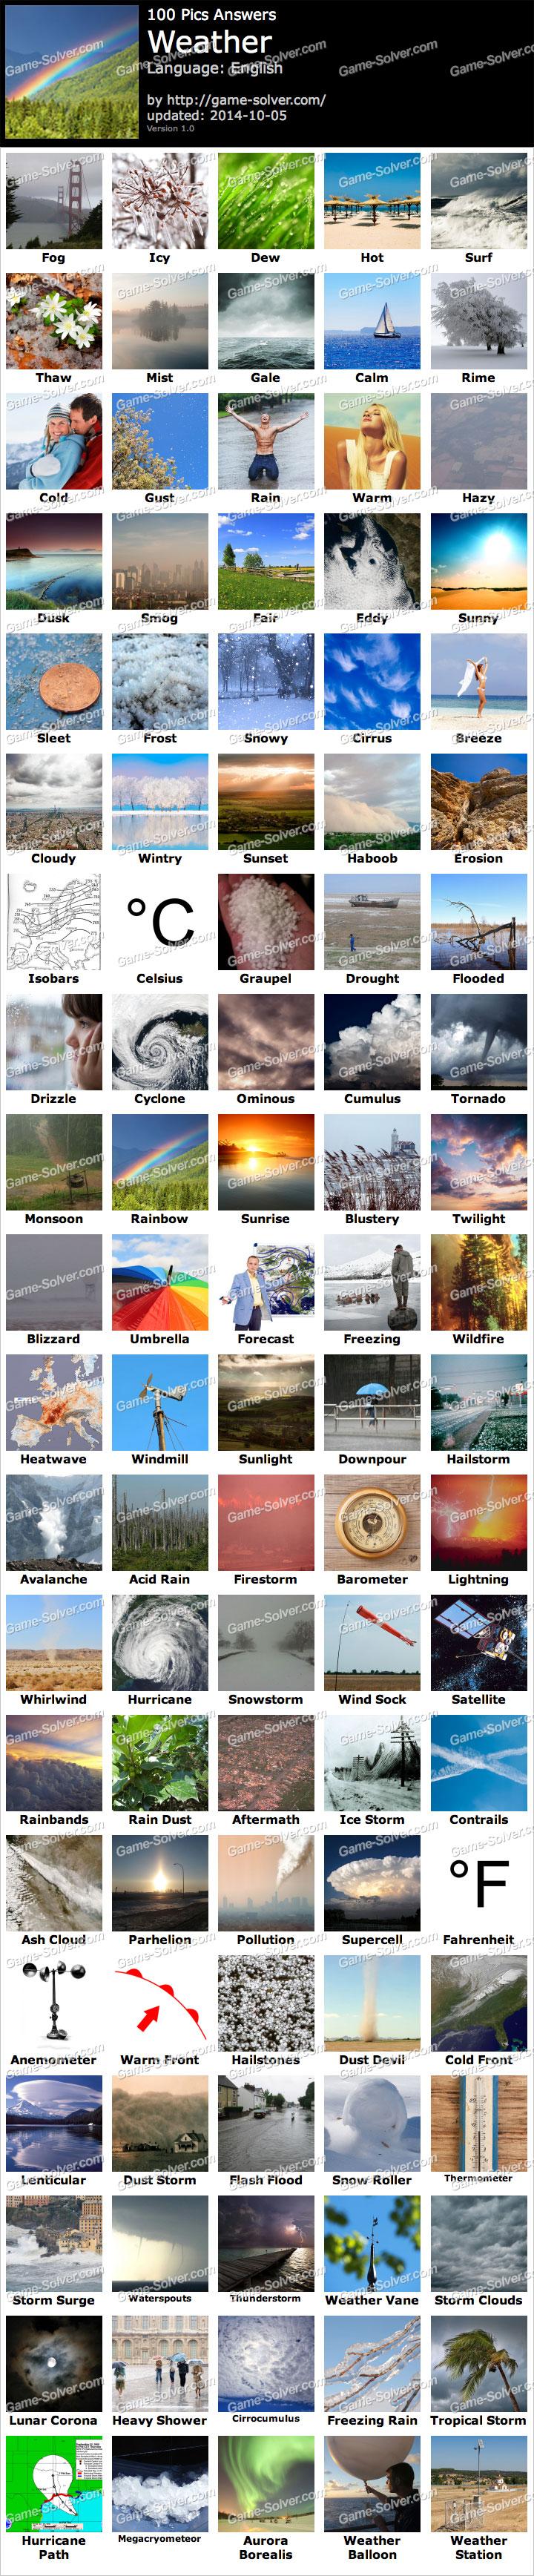 100 Pics Weather - Gam...